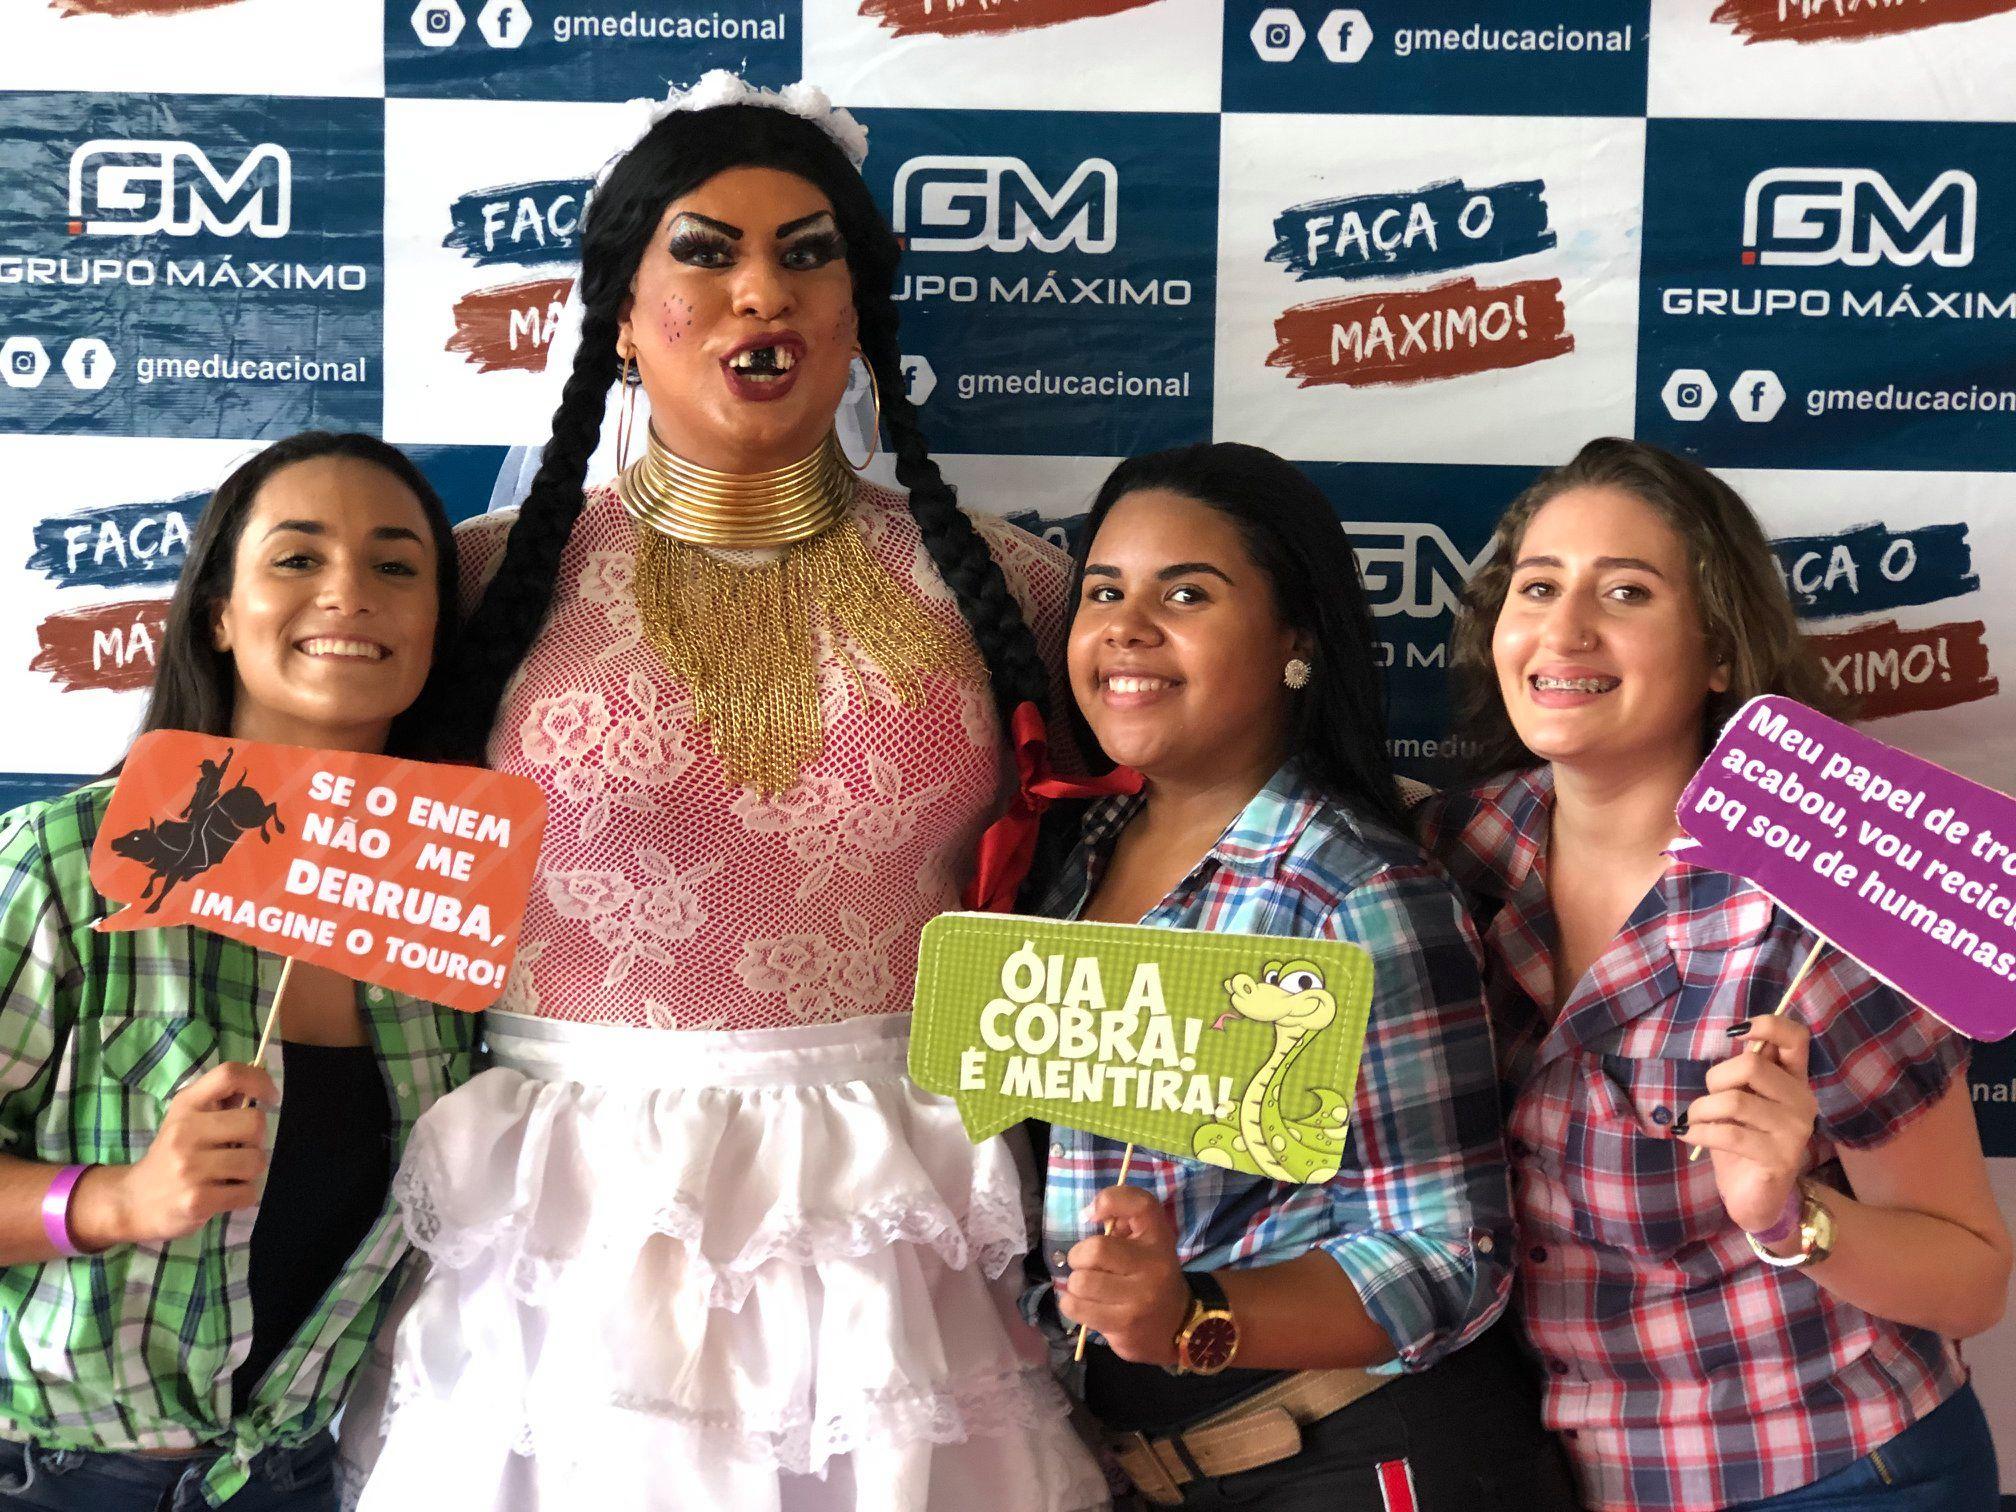 drag chica com alunas na festa de são joão do grupo máximo educacional